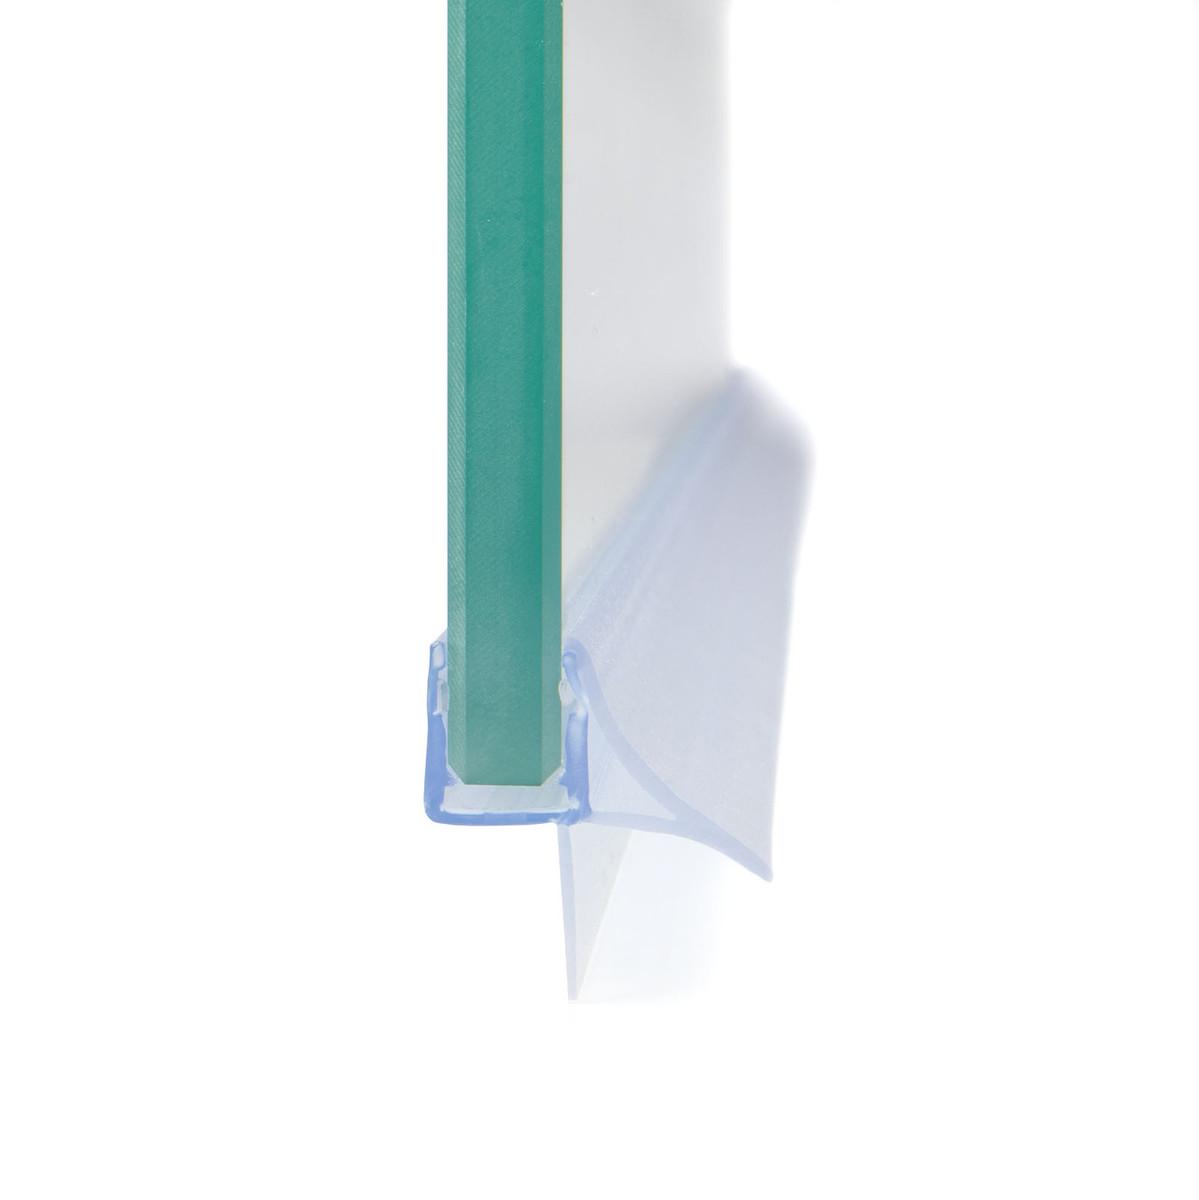 Streifdichtung mit stabilisiertem Schwallschutz, Schwallleiste, Ersatzdichtung, Wasserabweiser, Duschdichtung für 5-8mm Glas Duschen, Tür